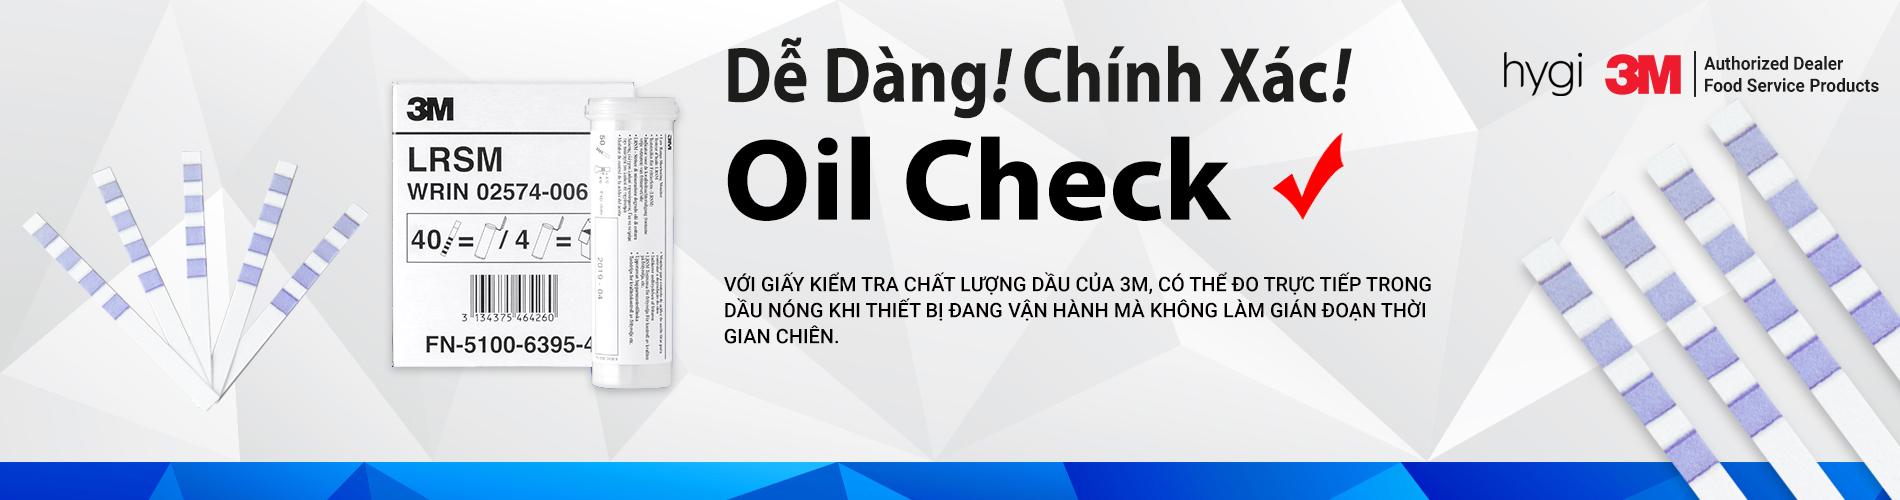 Oil check hygi 3